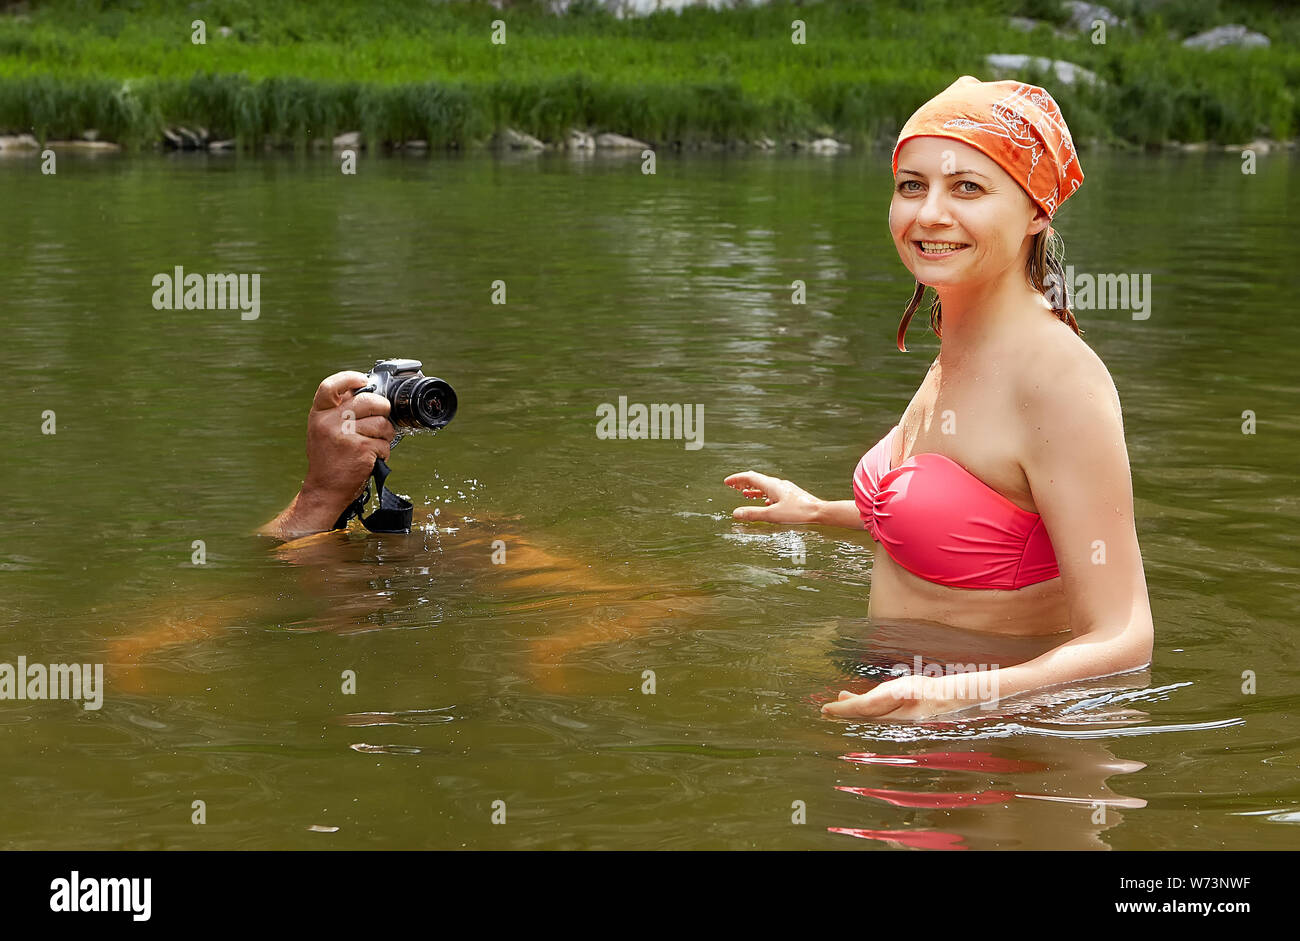 Giovane bella donna bagnato in costume da bagno è in piedi nel fiume mentre l uomo è scattare foto con la fotocamera digitale dalla superficie dell'acqua, eco-turismo. Foto Stock